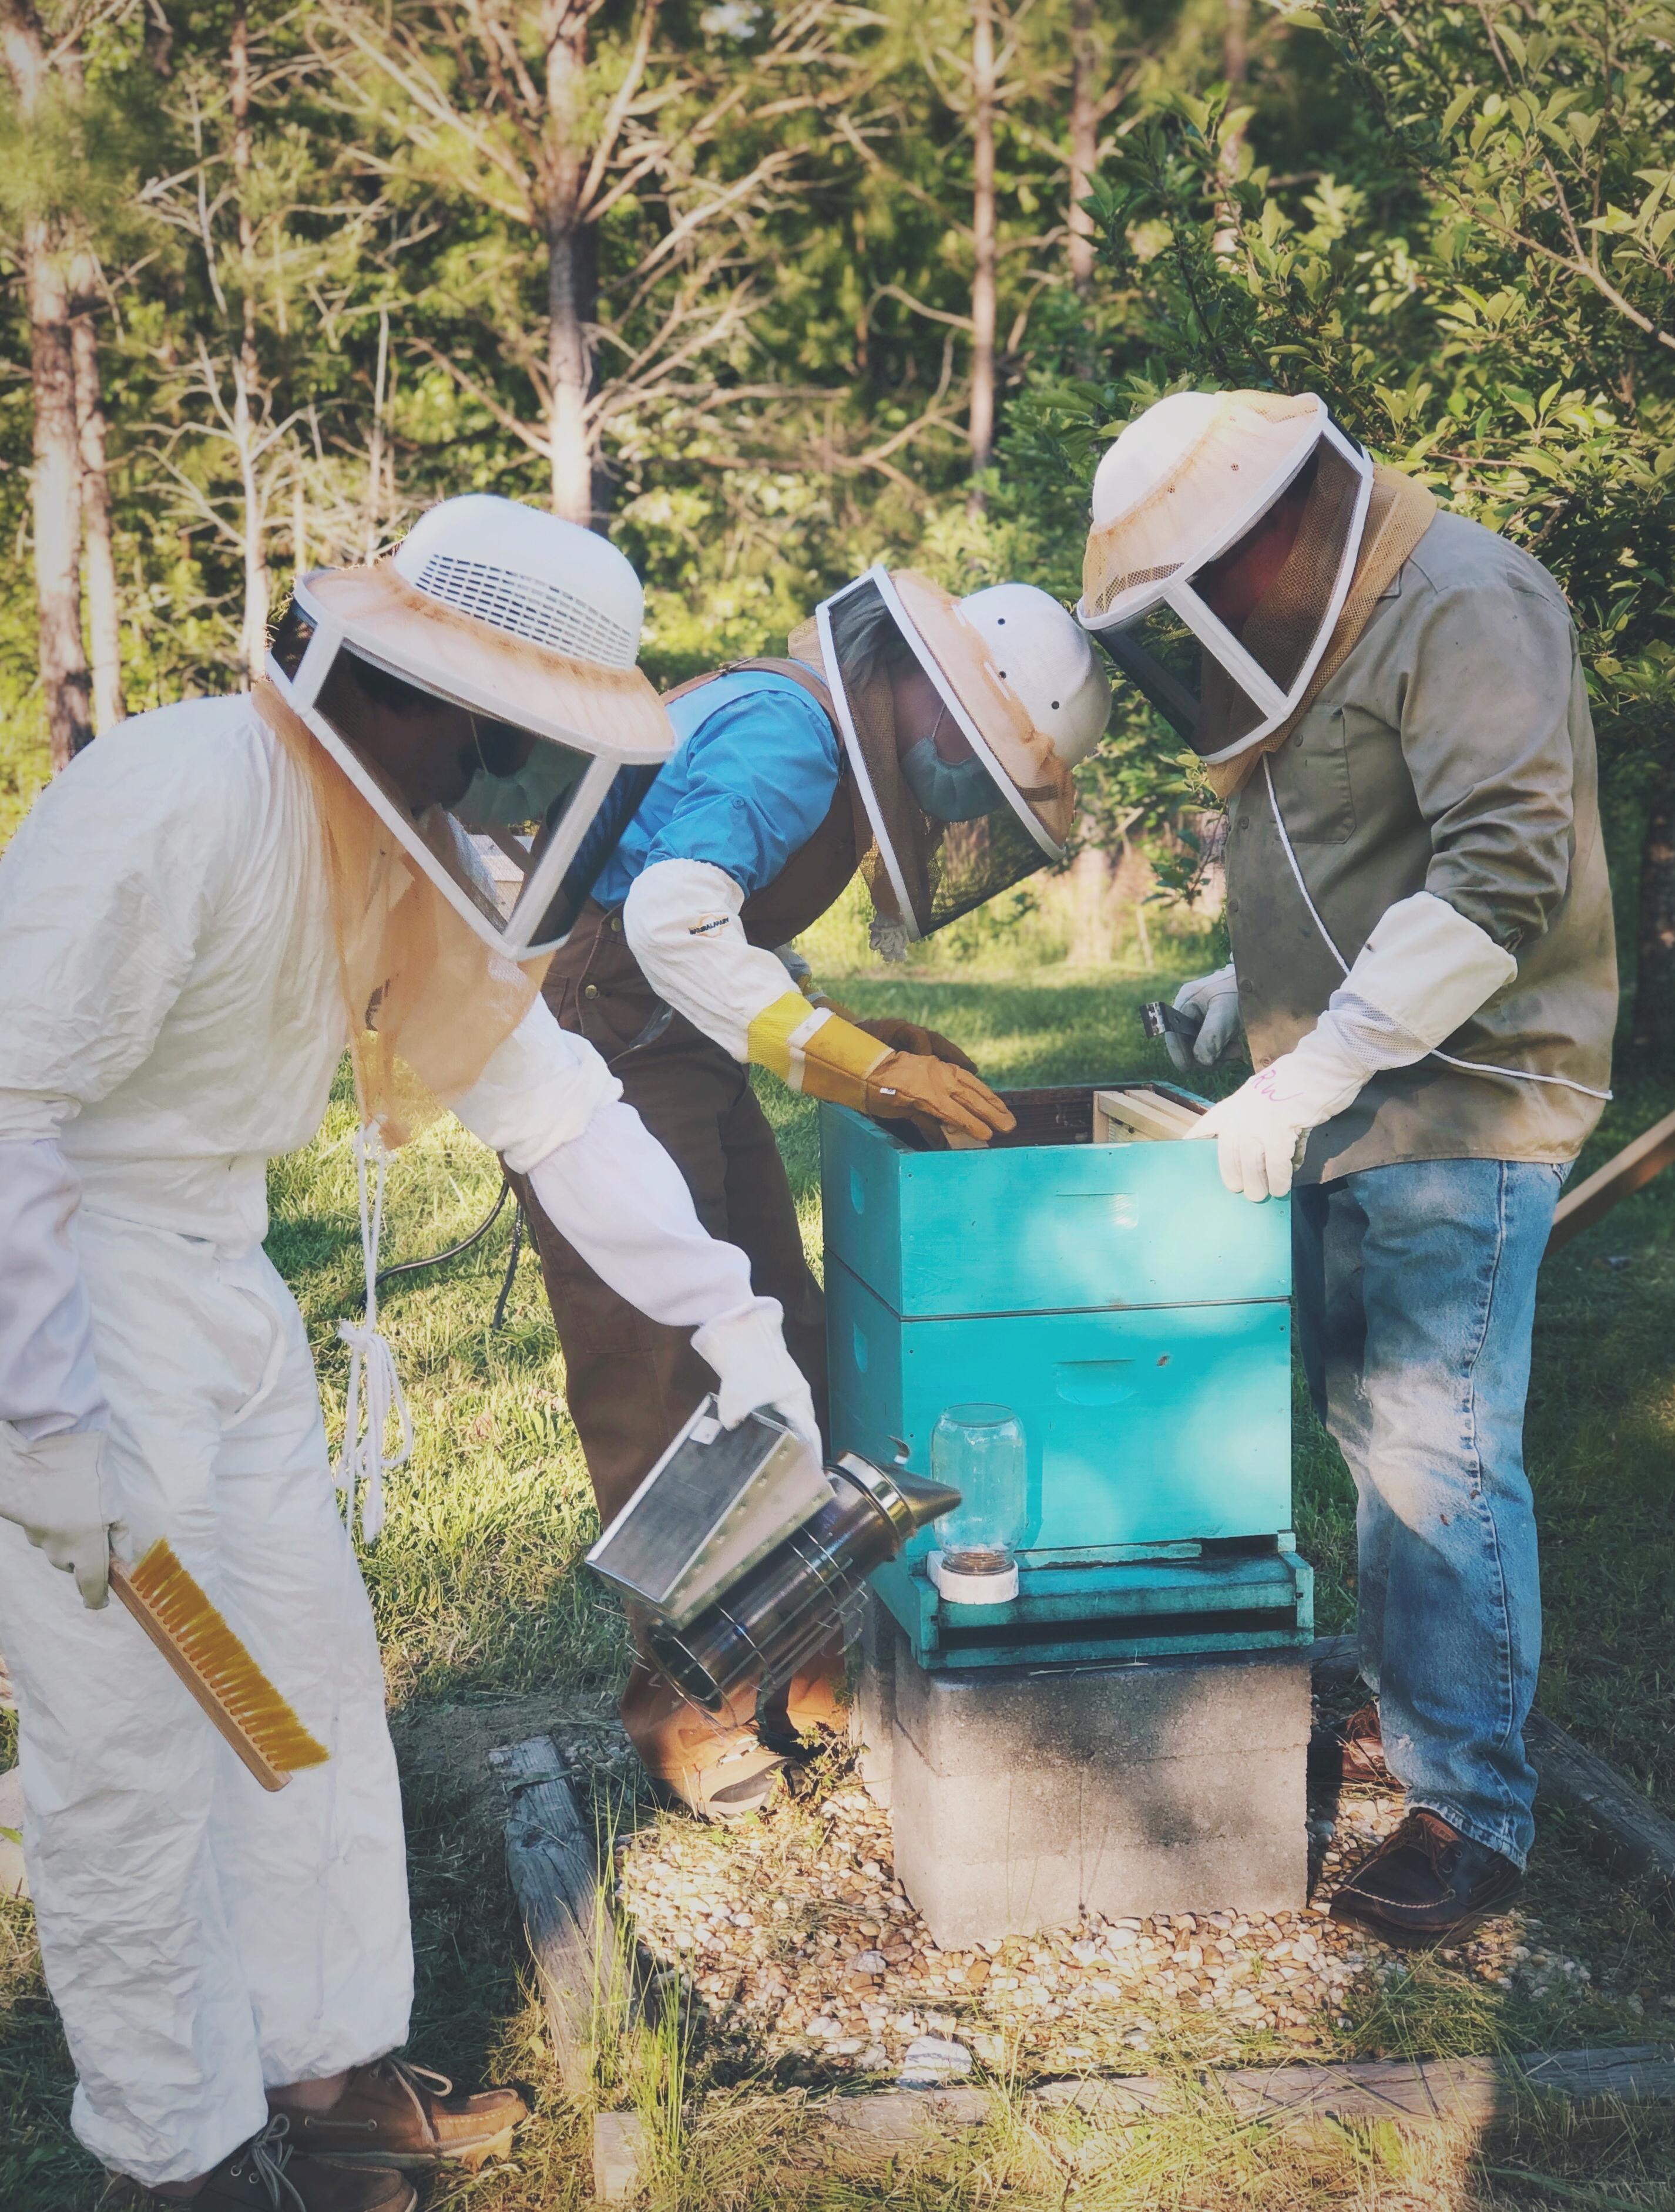 beekeeping summer 2020